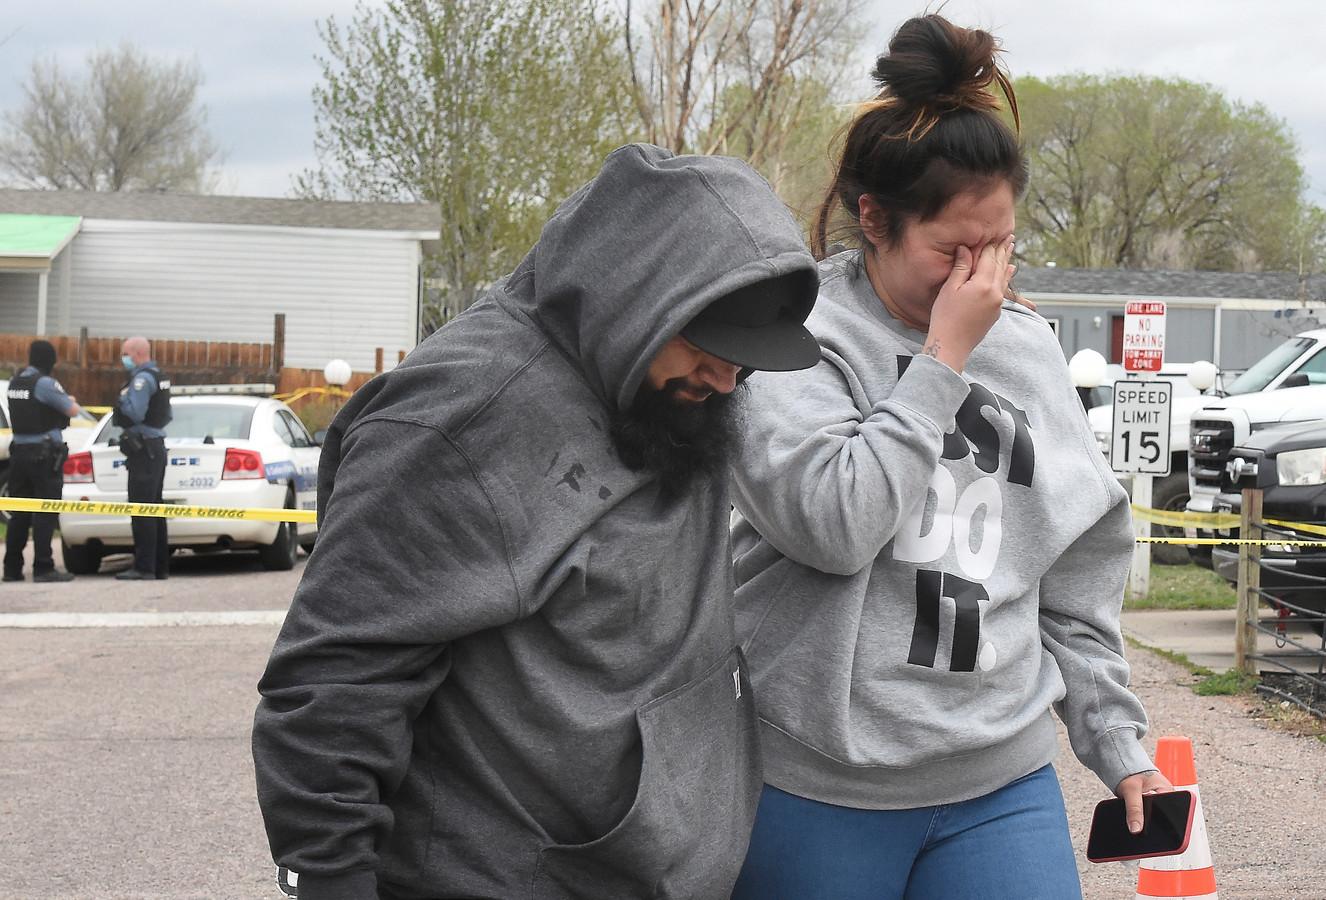 Verdrietige nabestaanden bij de plaats delict in Colorado Springs.